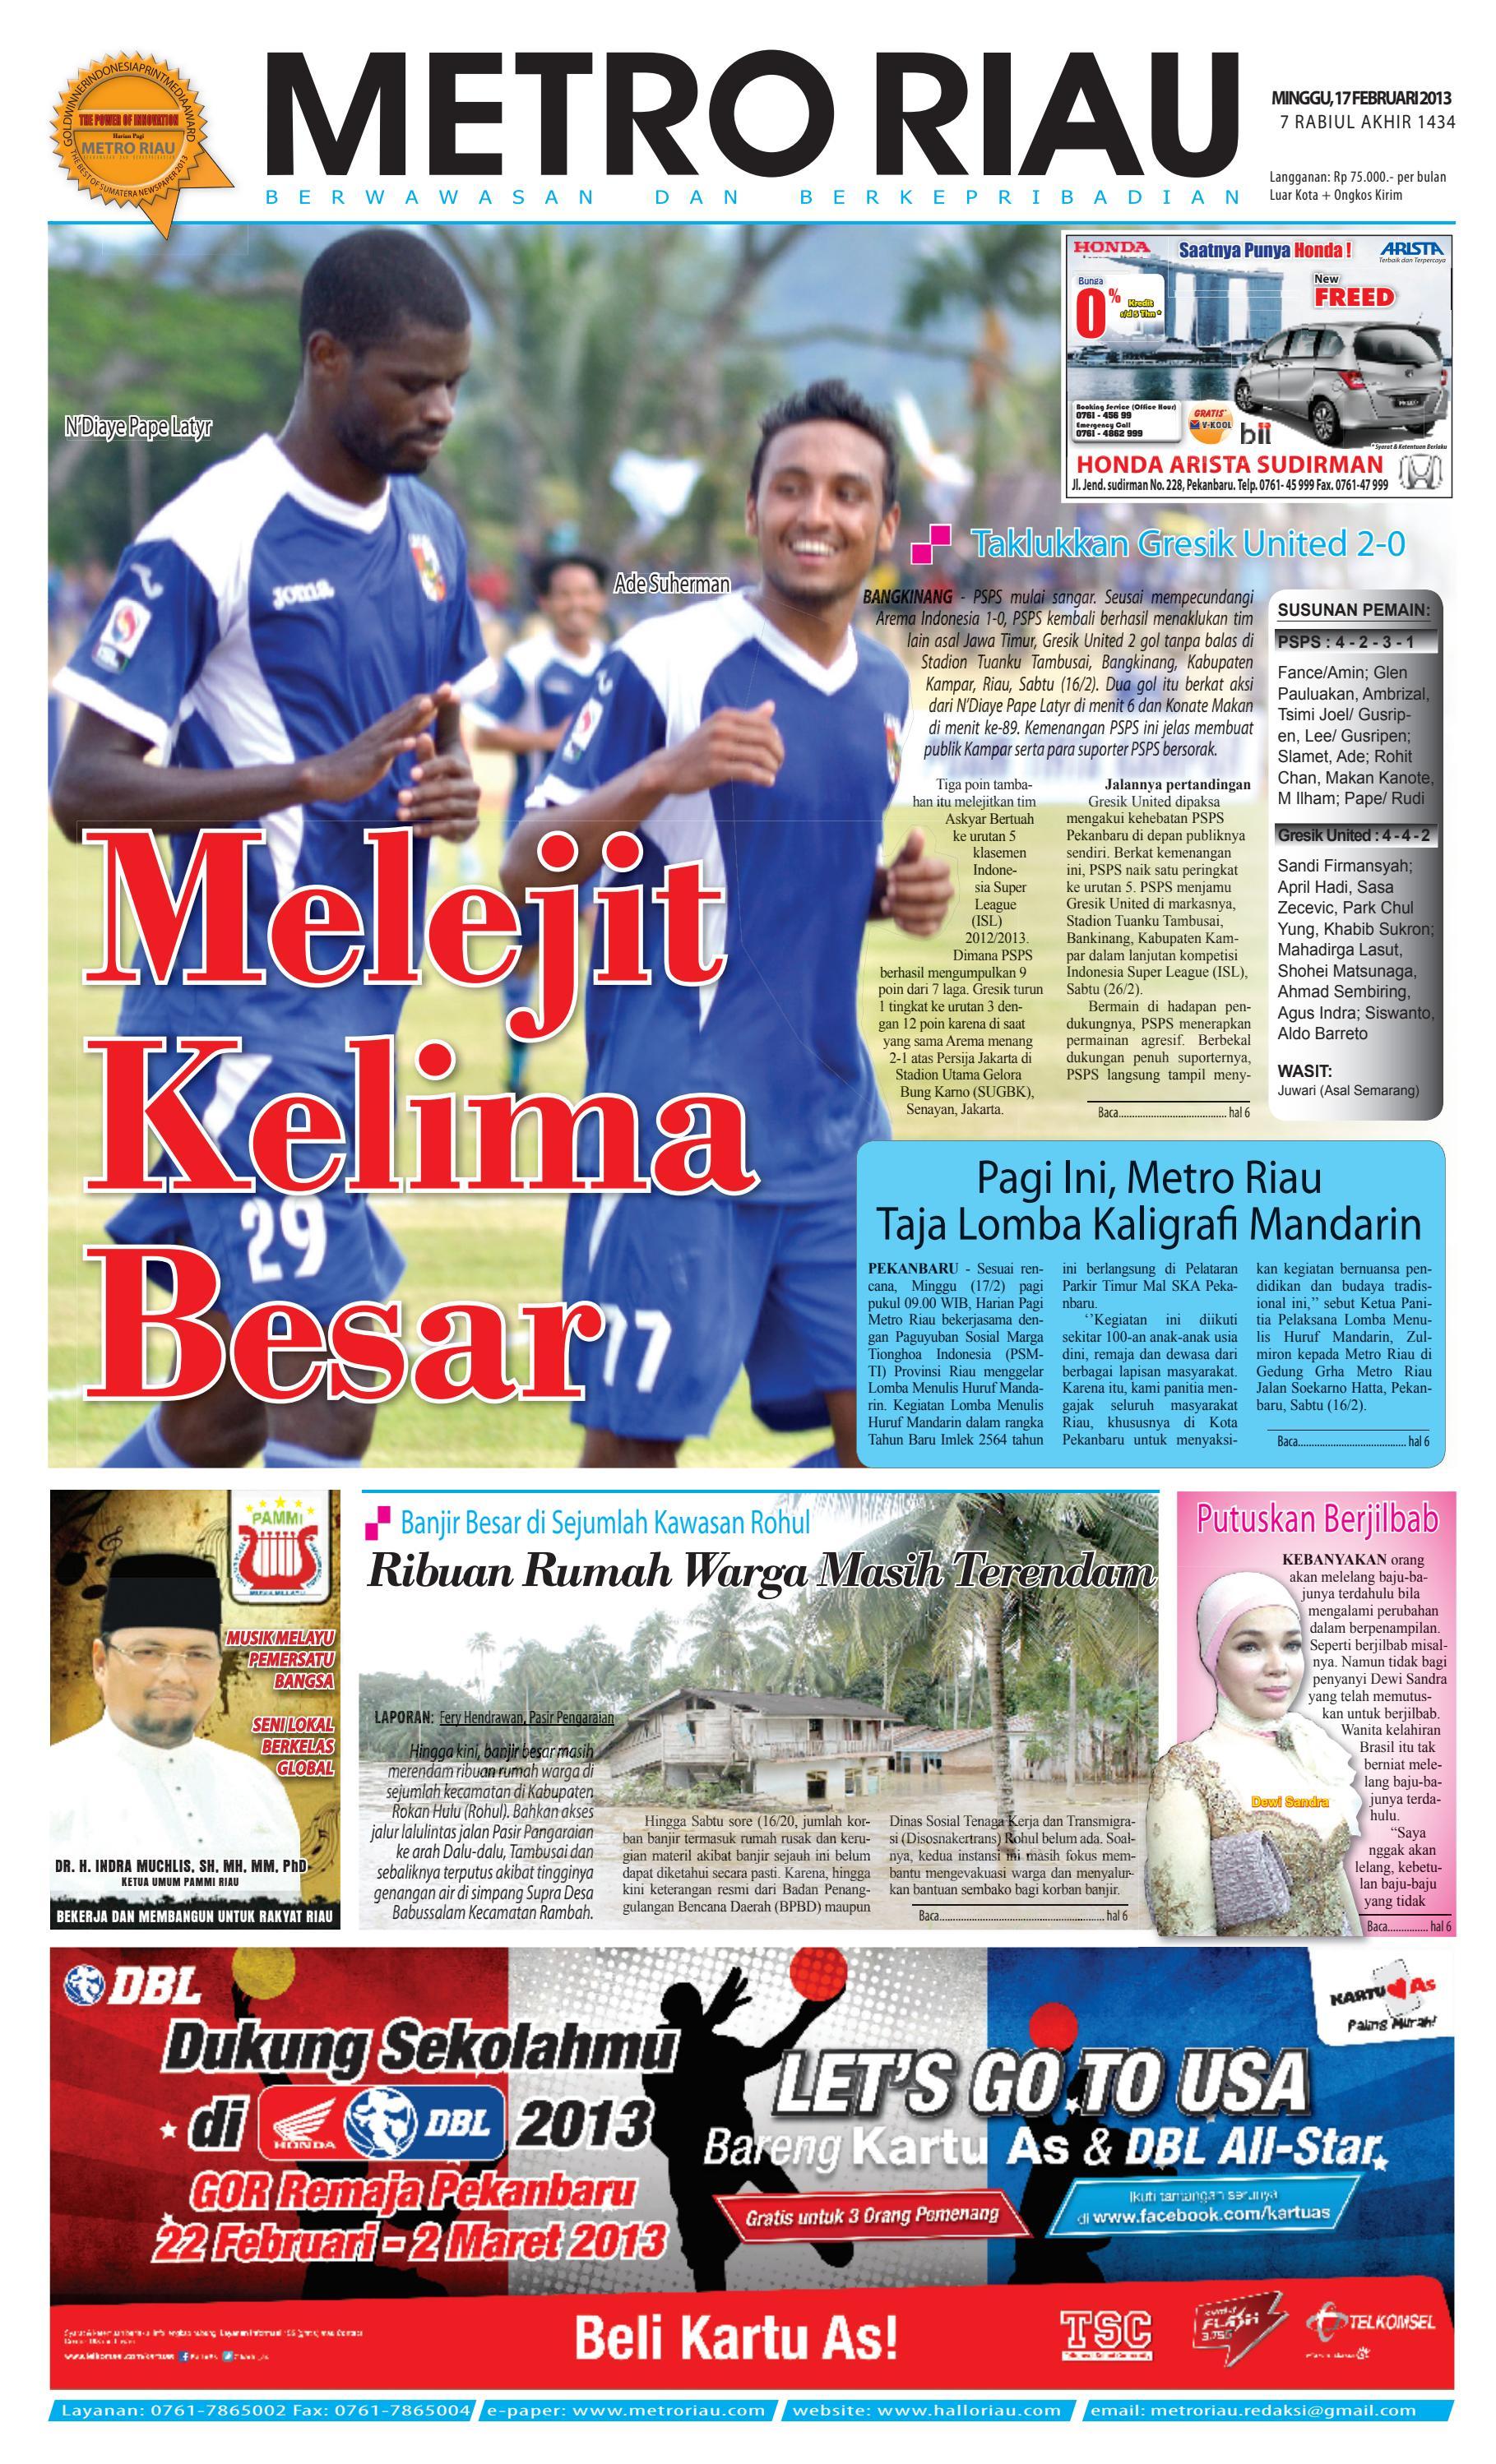 17022013 Metroriau By Harian Pagi Metro Riau Issuu Stand Hp Handphone Mount Docking Aksesoris Model Paus  Kcr009